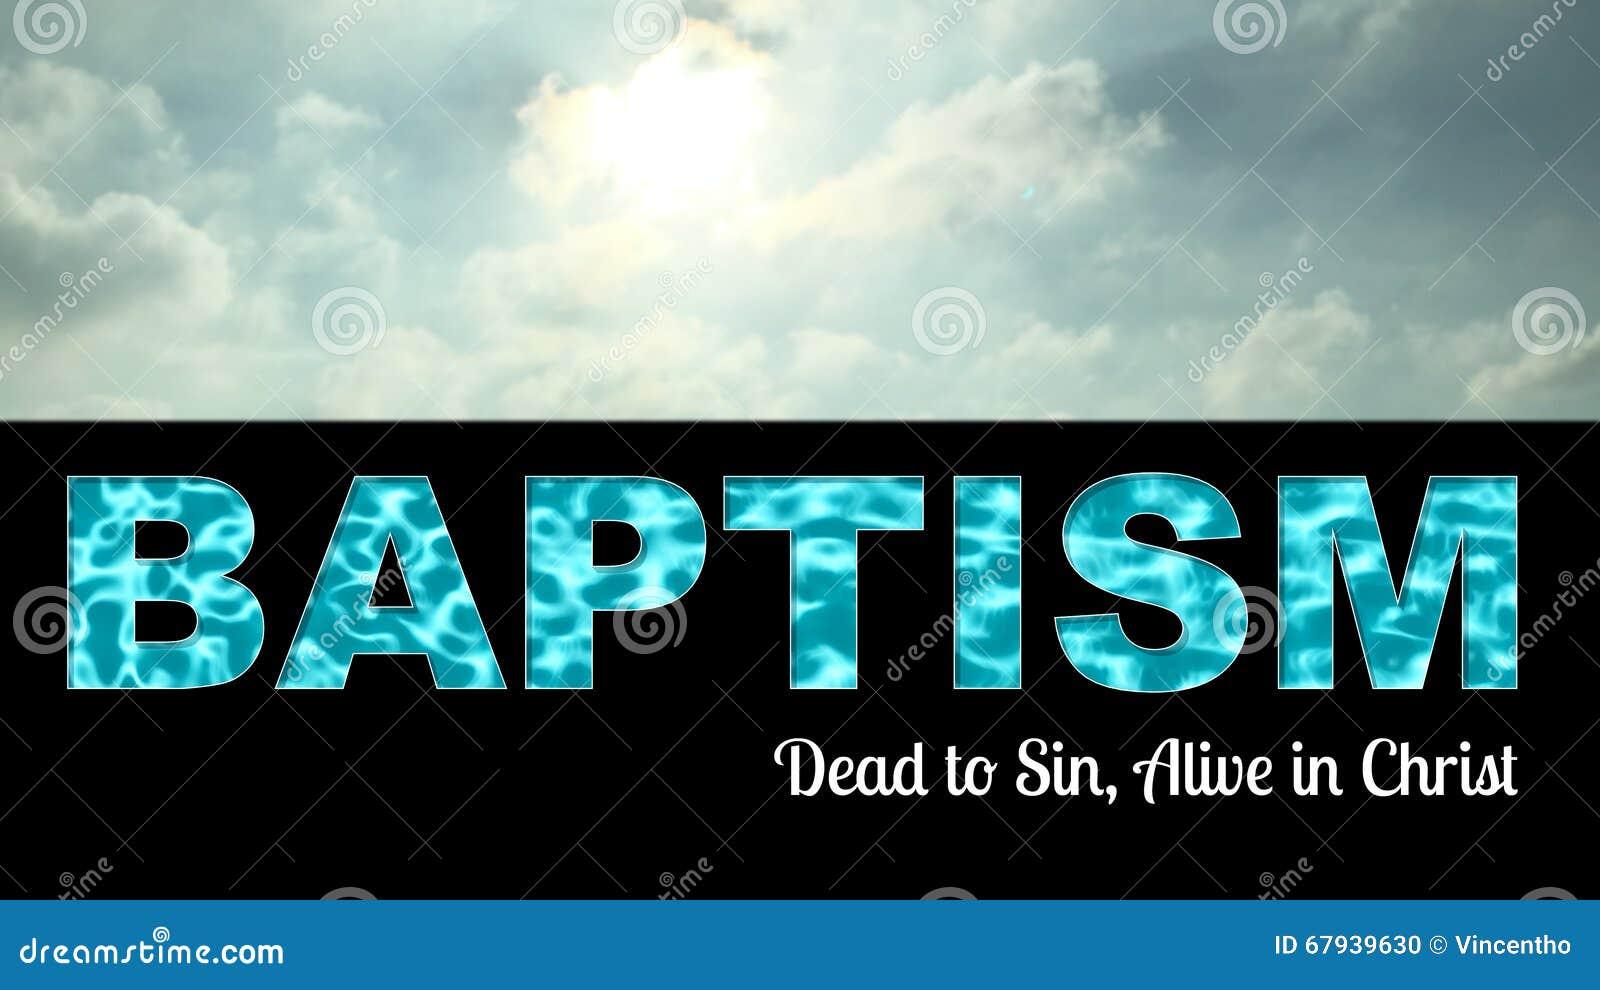 baptism stock photos 10 615 images